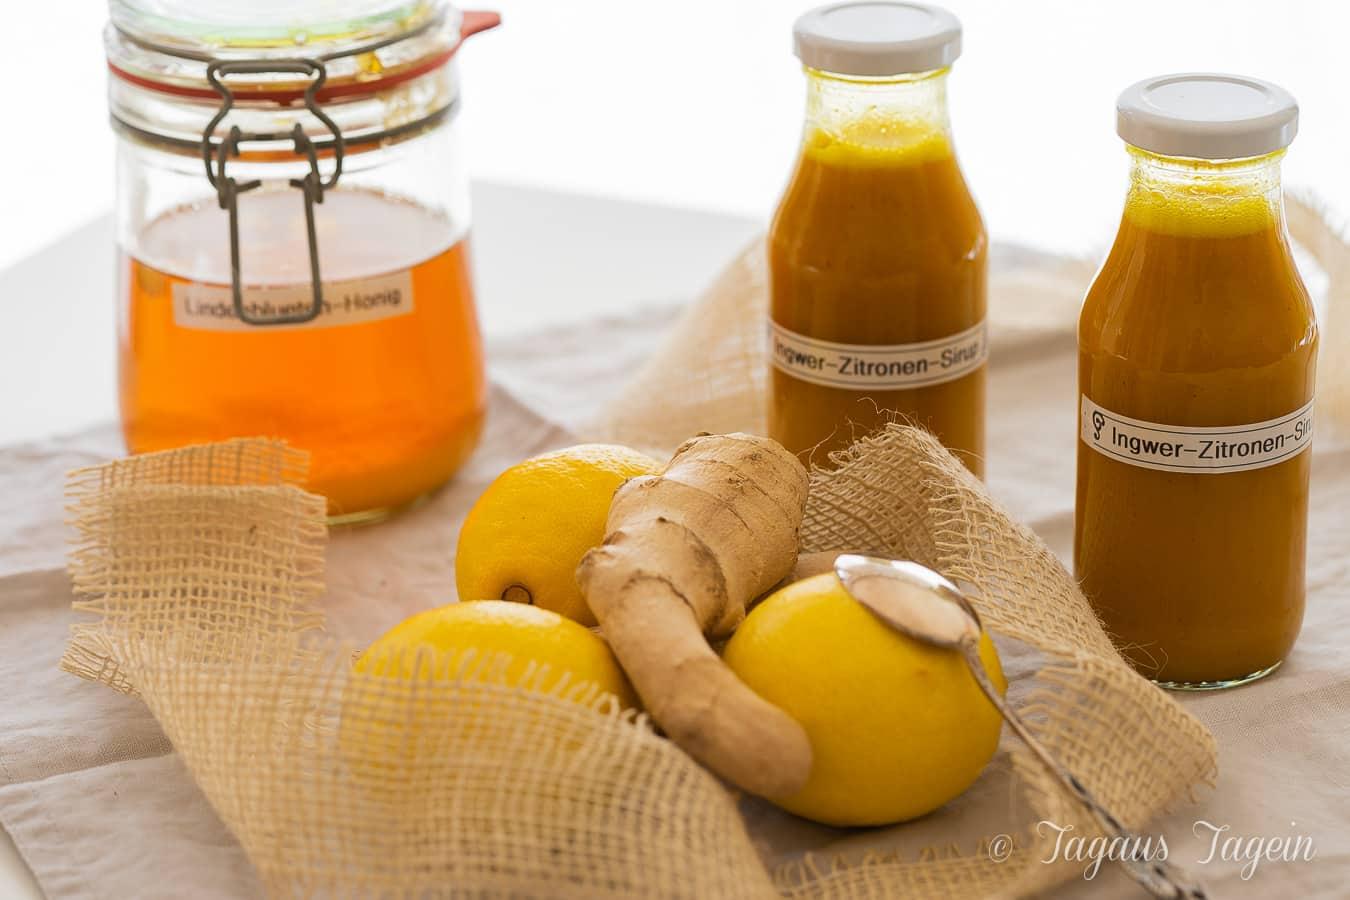 Ingwer Zitronen Sirup – Hausmittel gegen Husten, Halsschmerzen und Erkältung